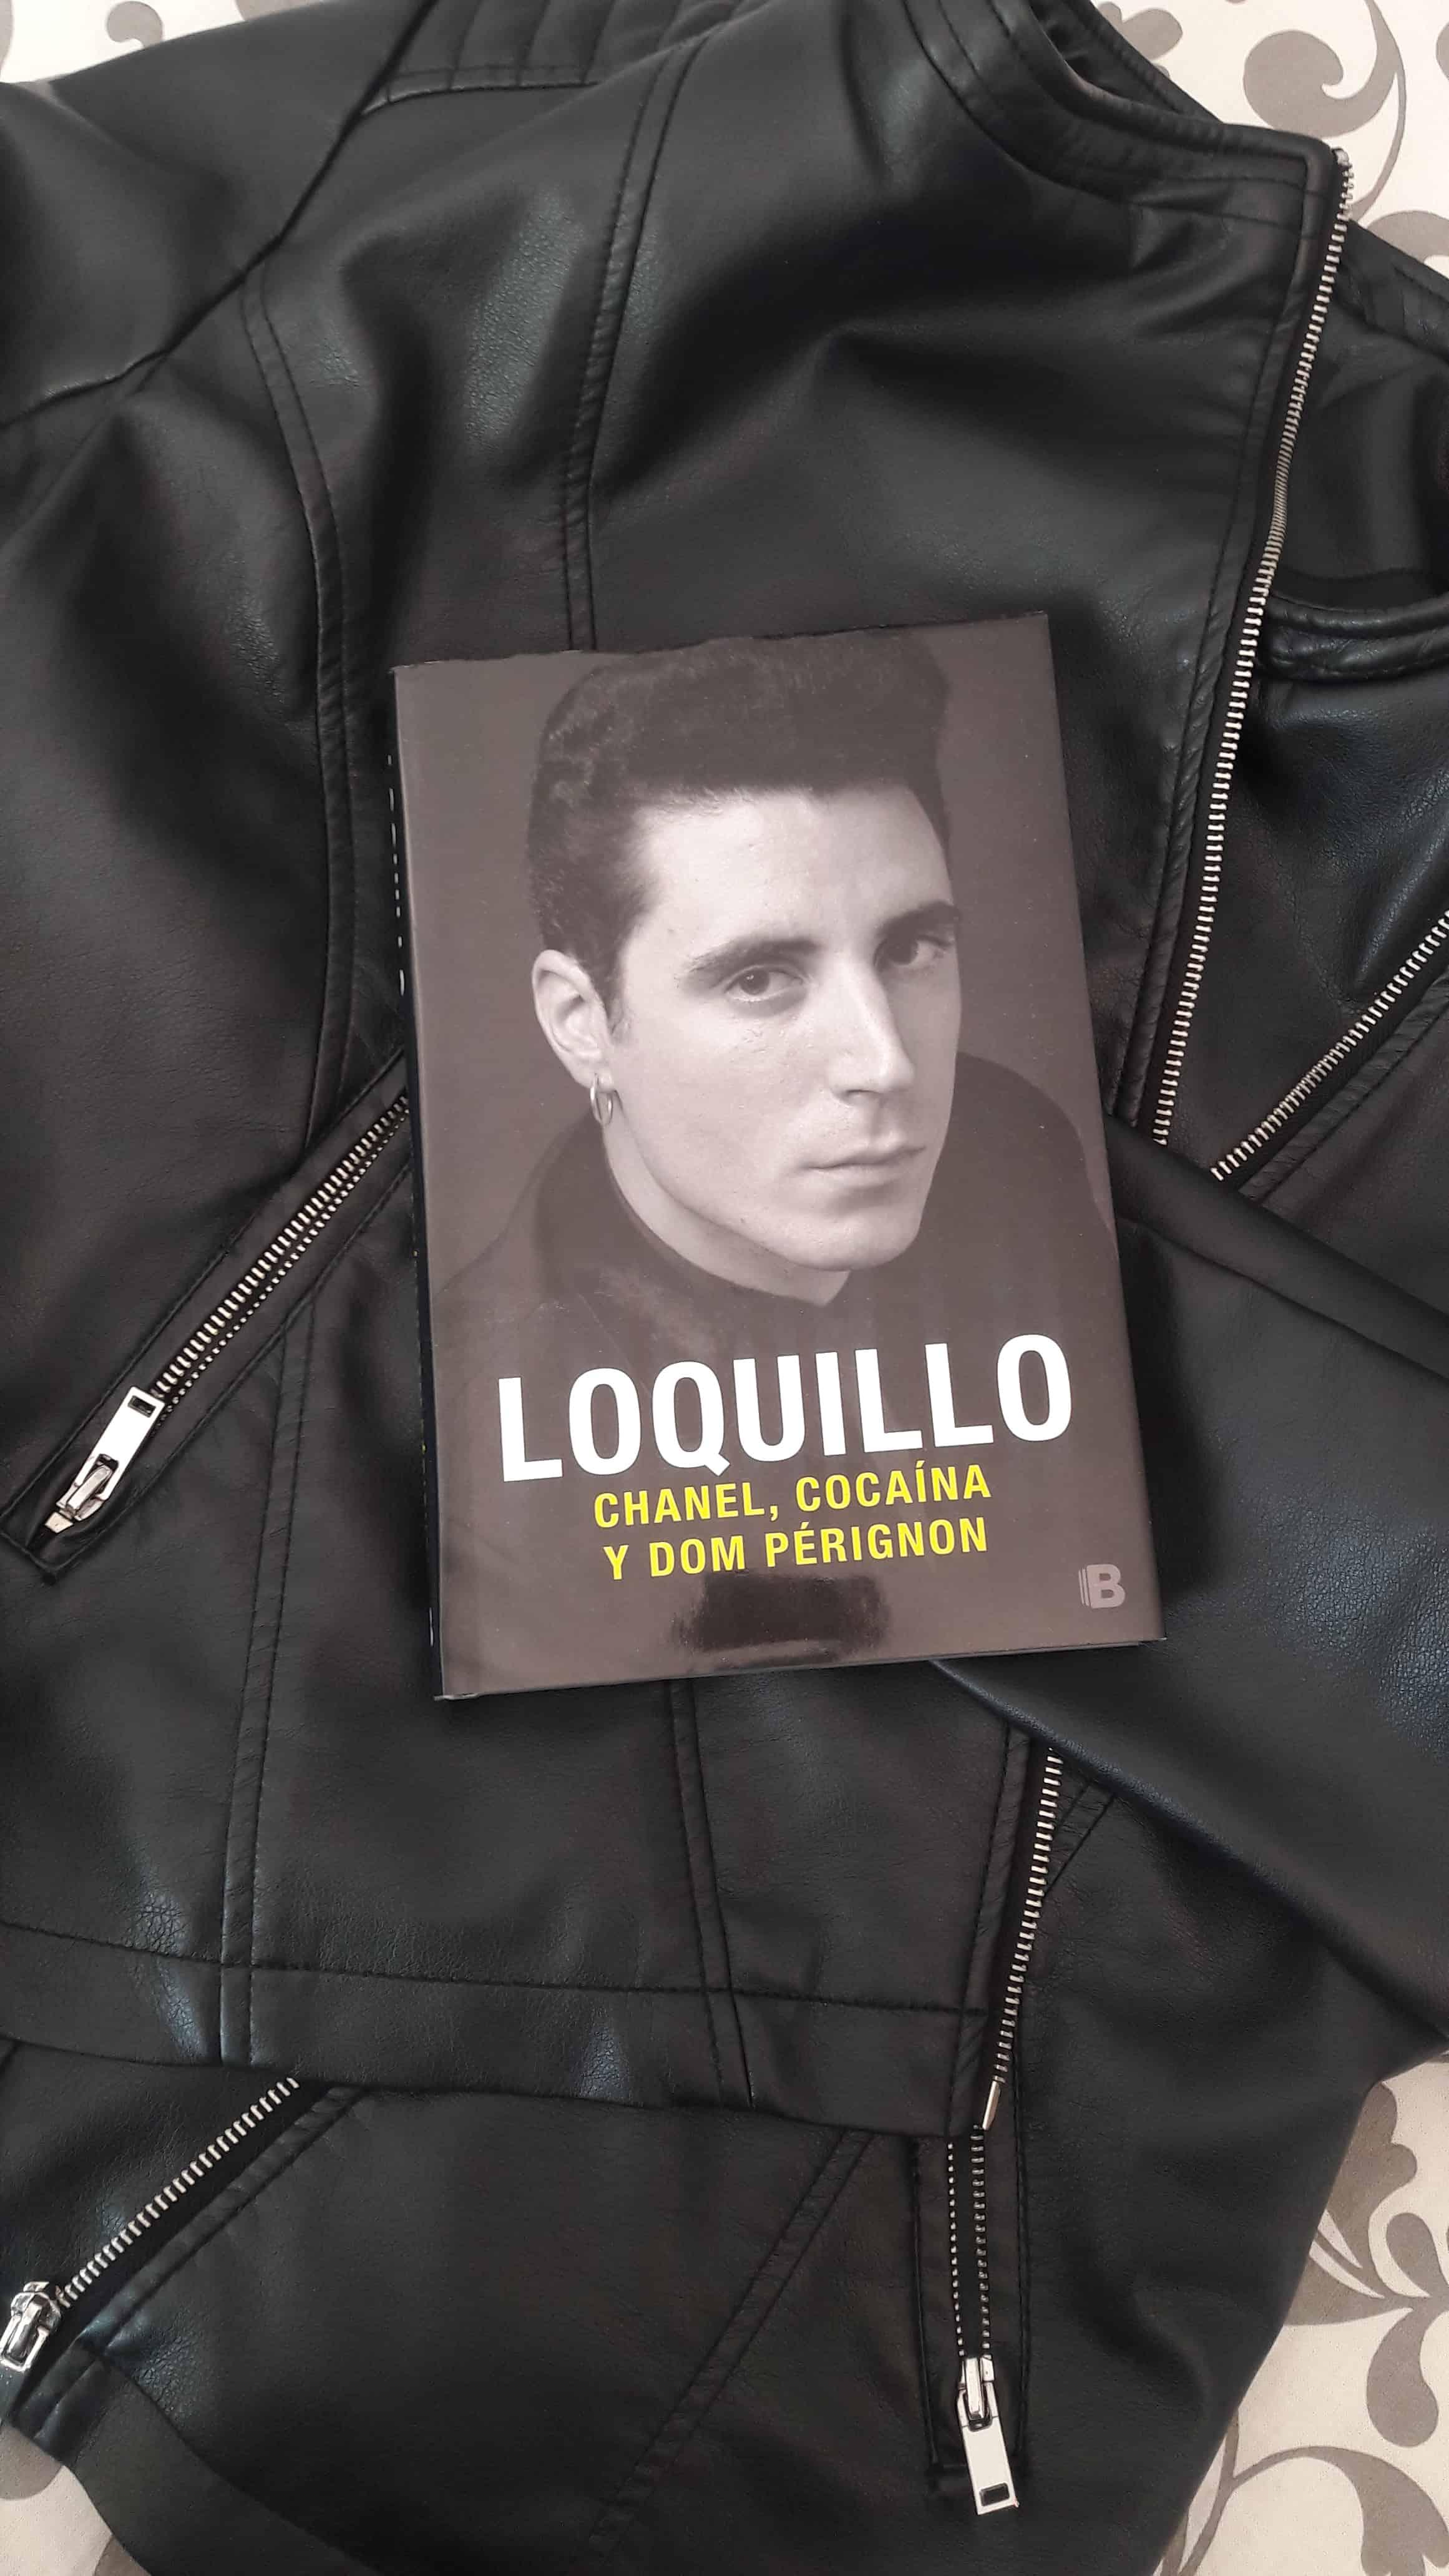 «CHANEL, COCAÍNA Y DOM PERIGNON», de Loquillo